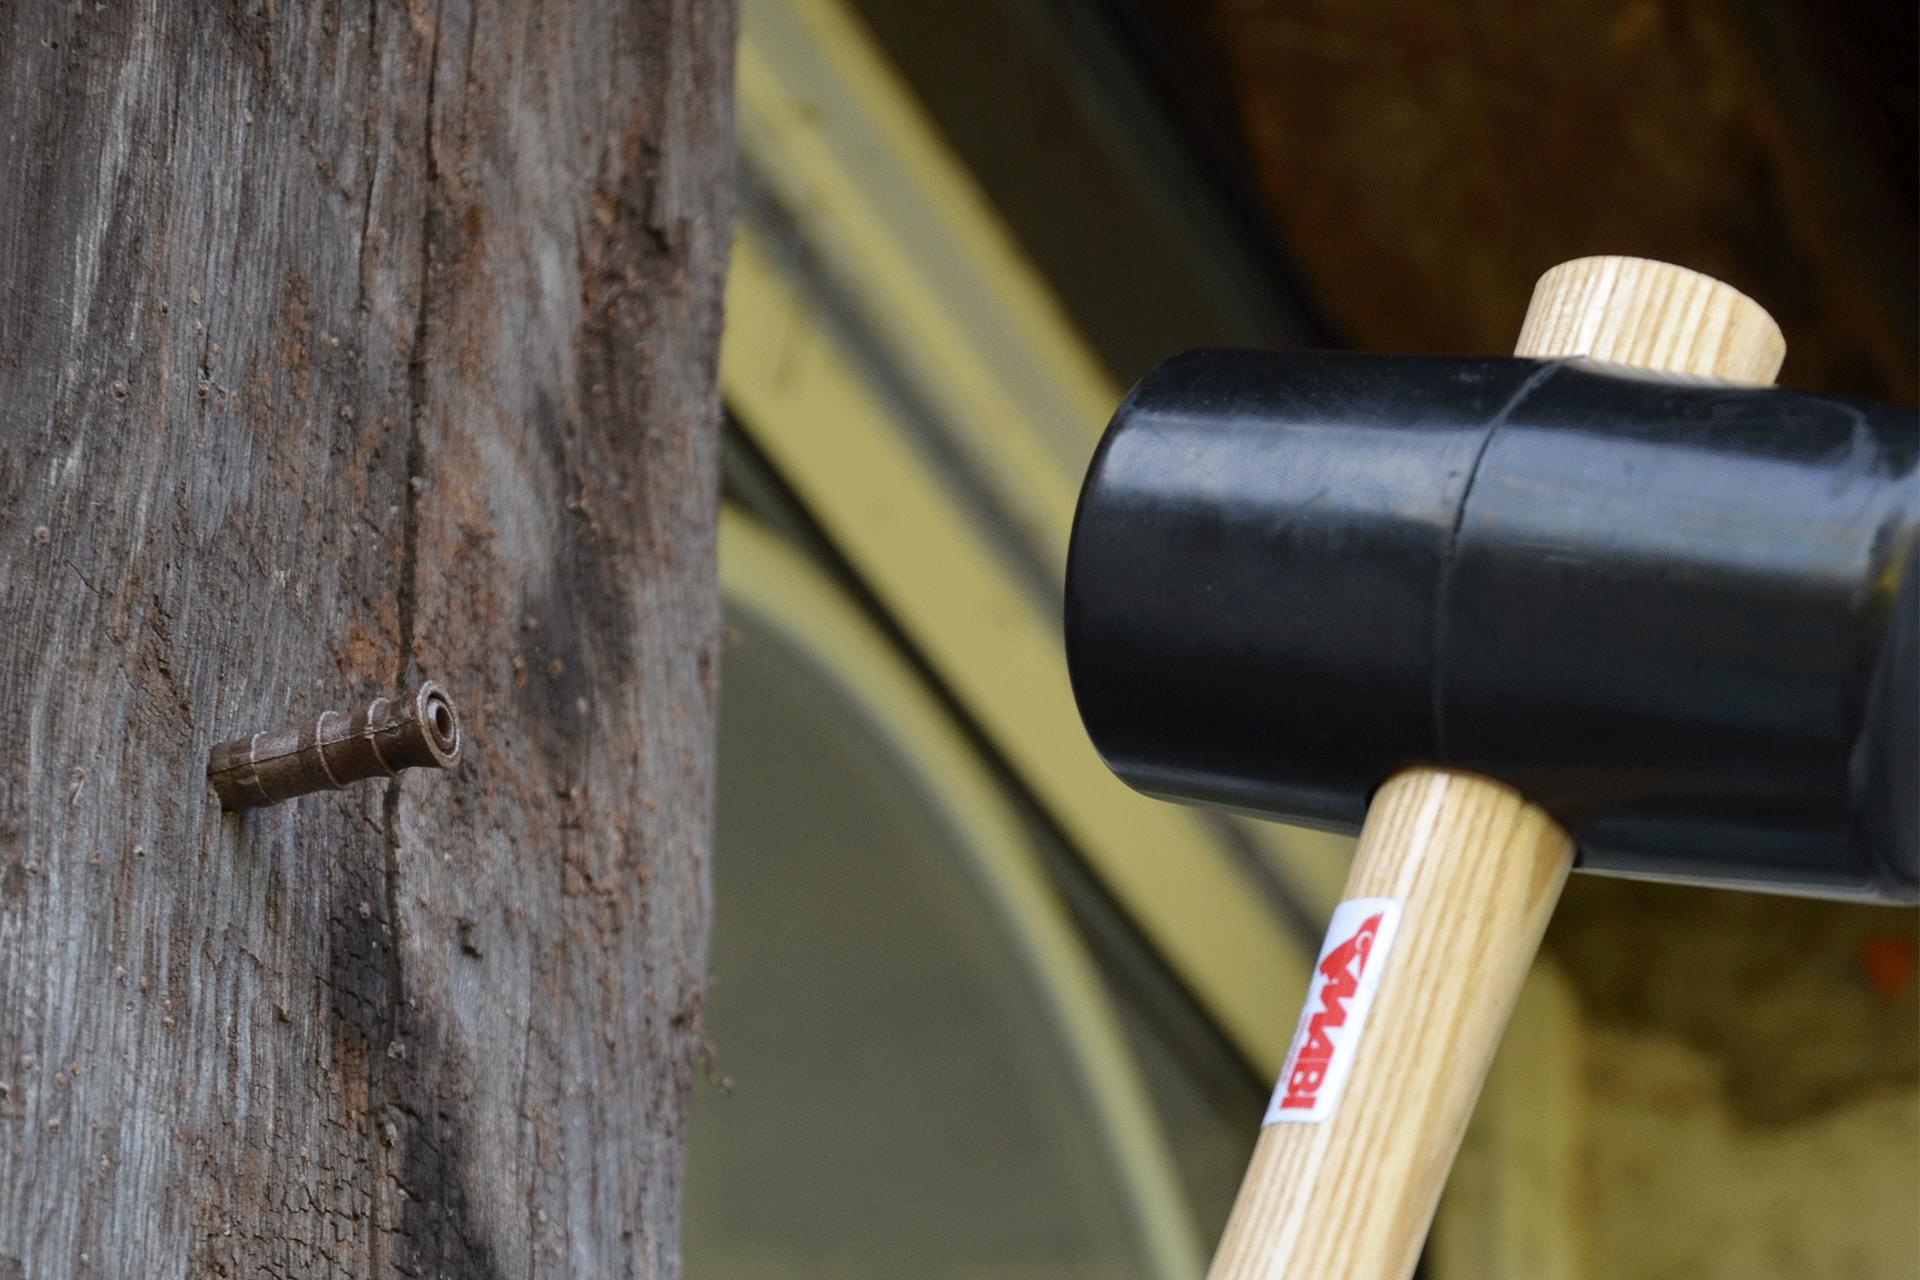 fabricant d'injecteur pour le traitement de charpente